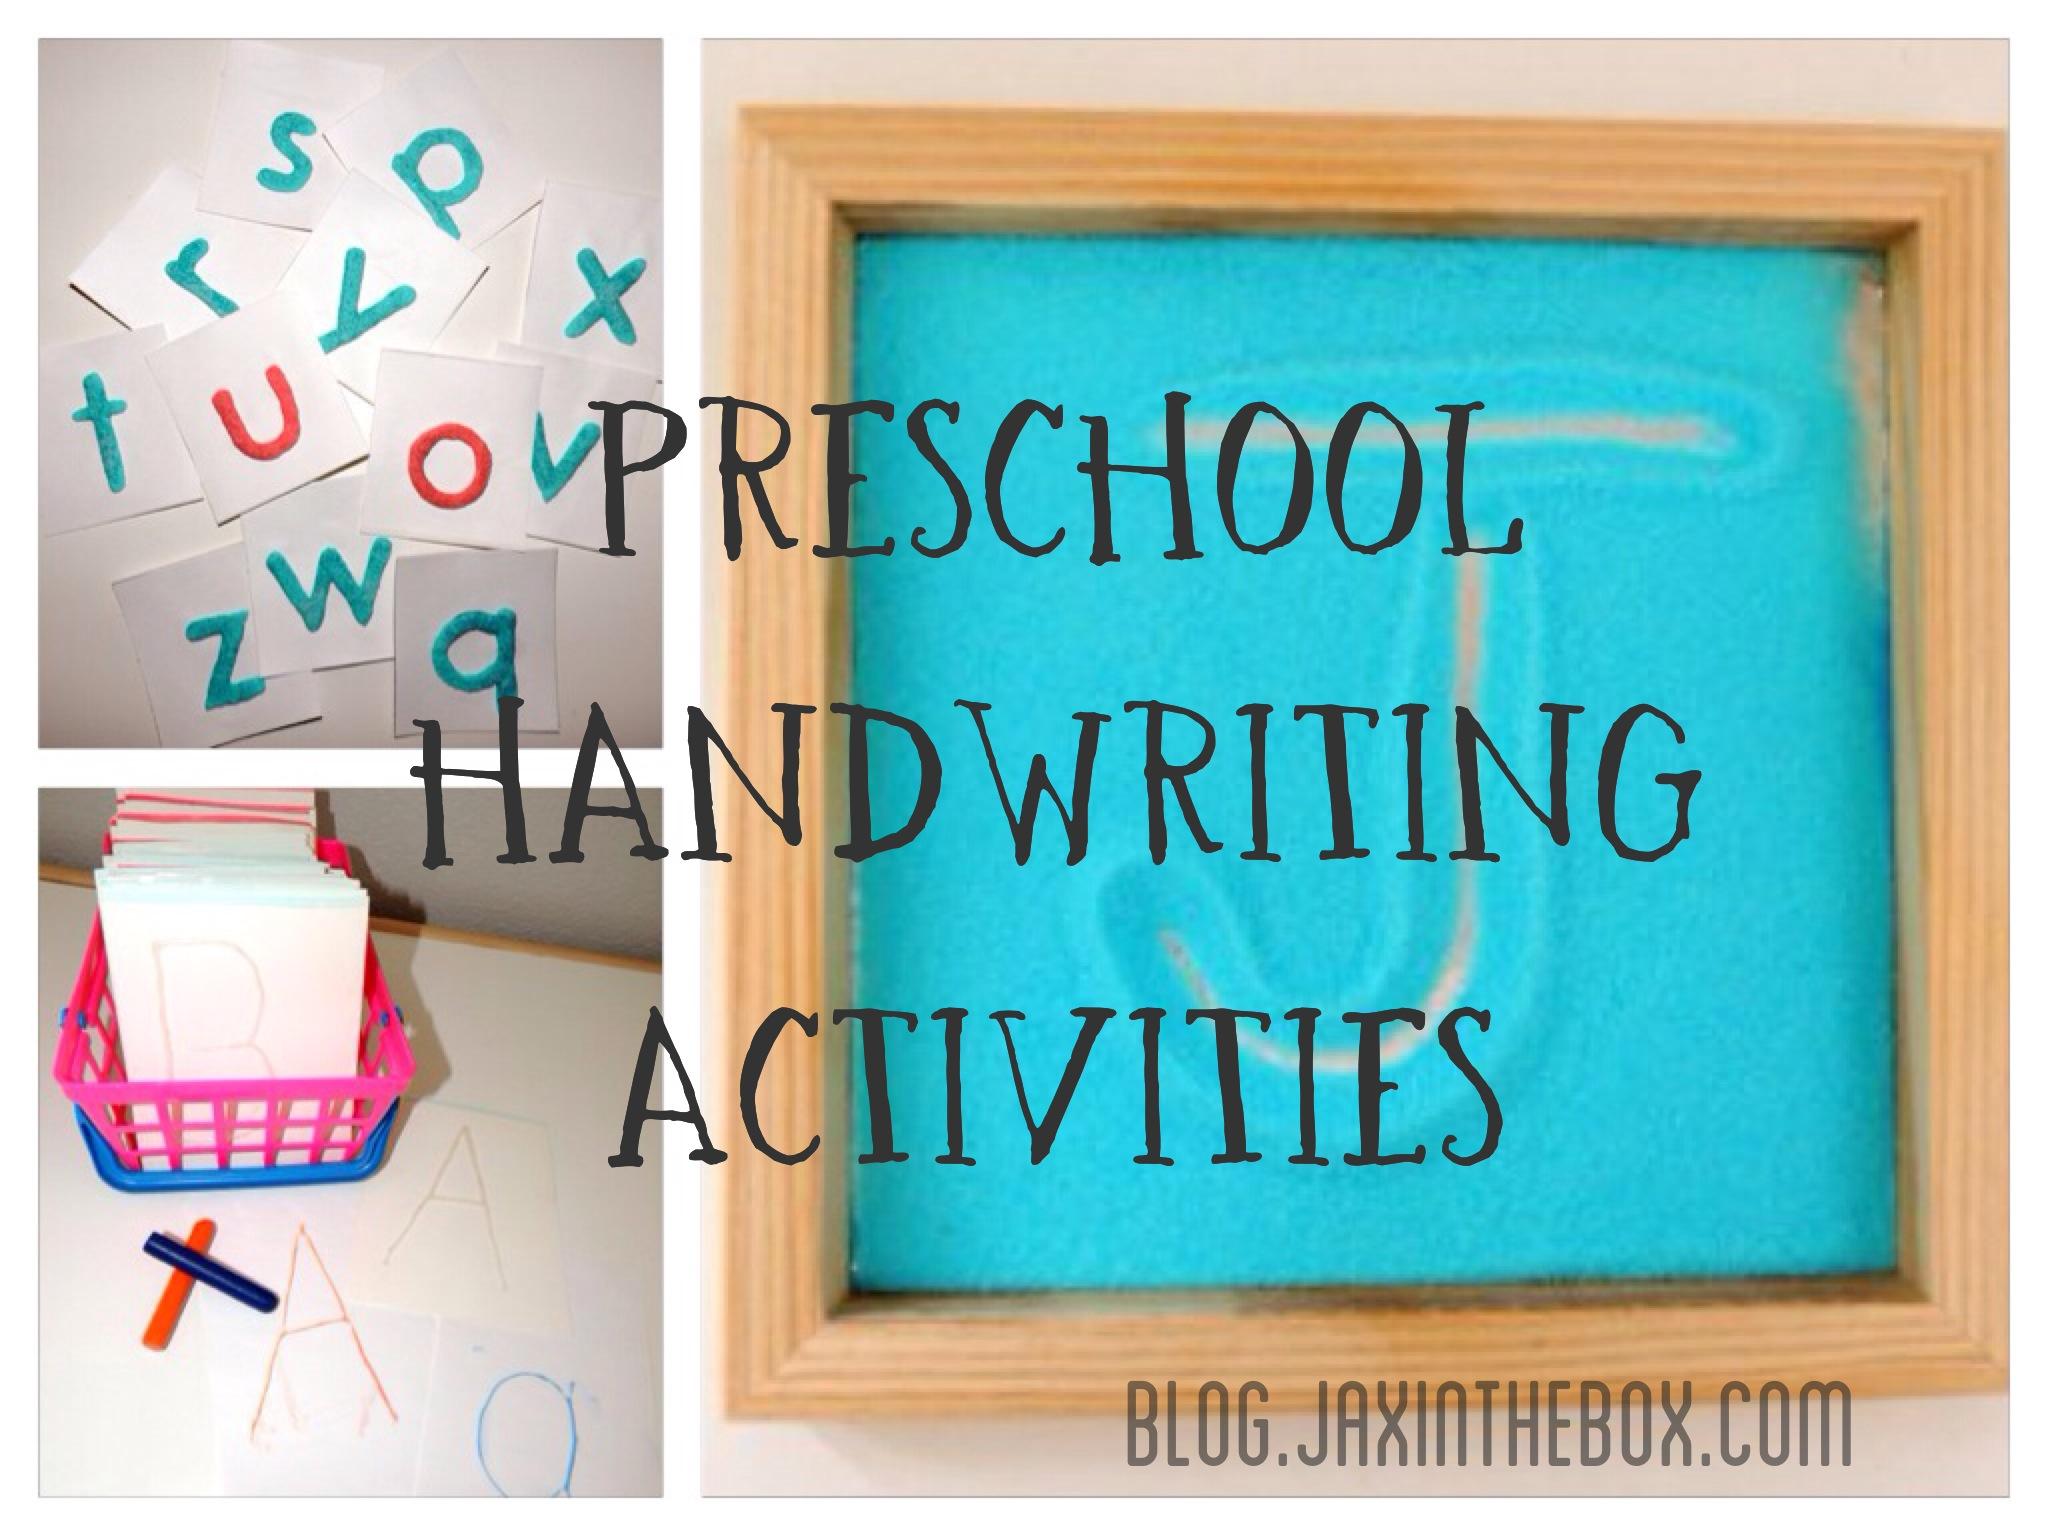 Worksheet Preschool Pre Reading Activities teaching pre kindergarten skills no flashcards required part 3 preschool handwriting activities blog jaxinthebox com with extension activities